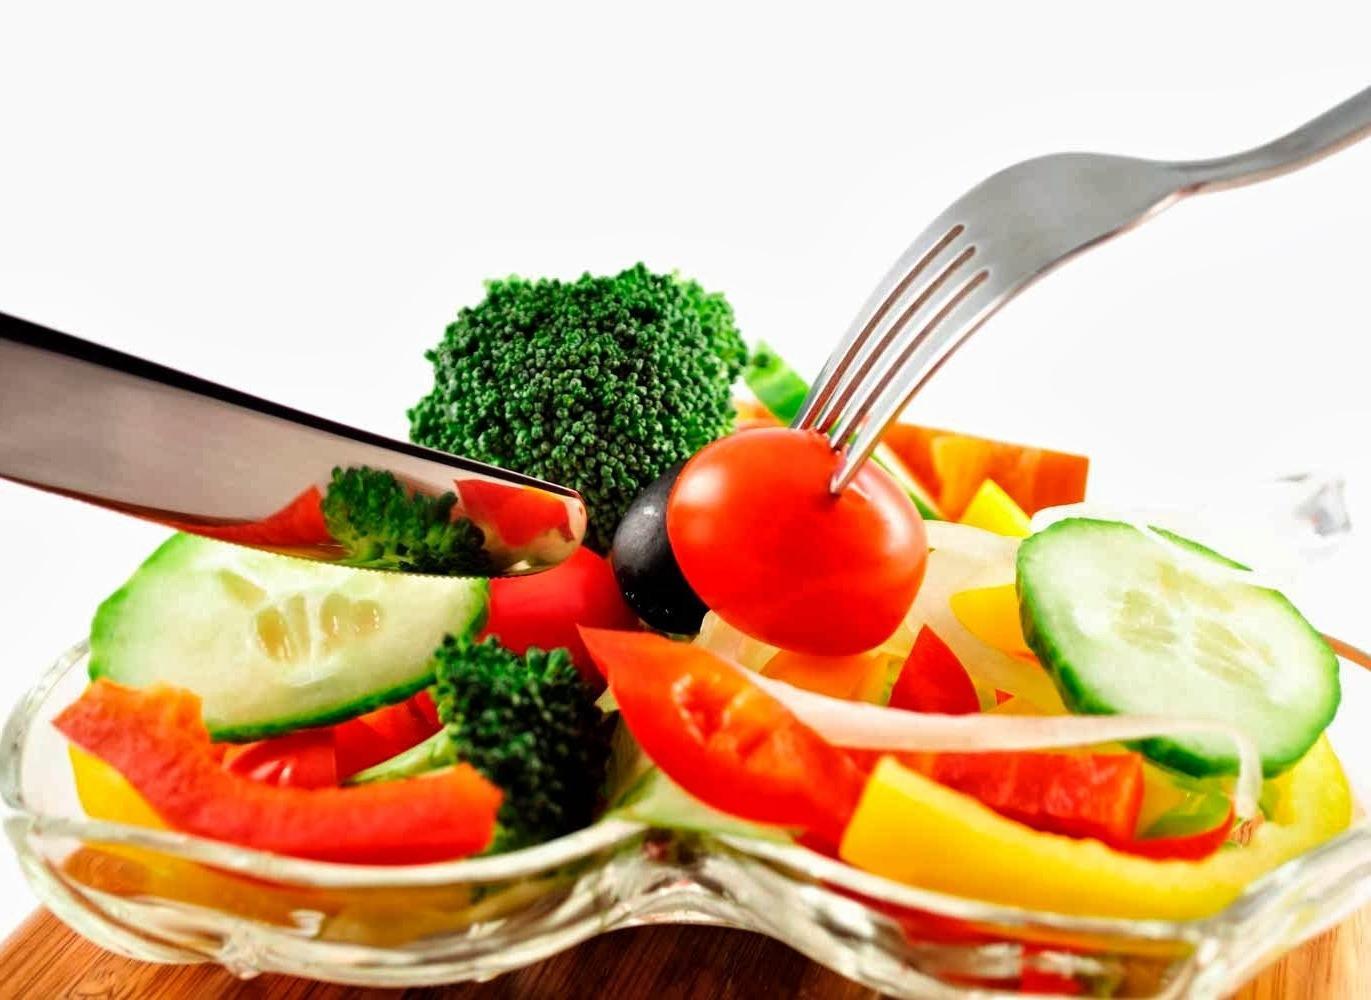 A Dieta Indiana: Um Método Para Perder de 3 a 5 Quilos em Uma Semana